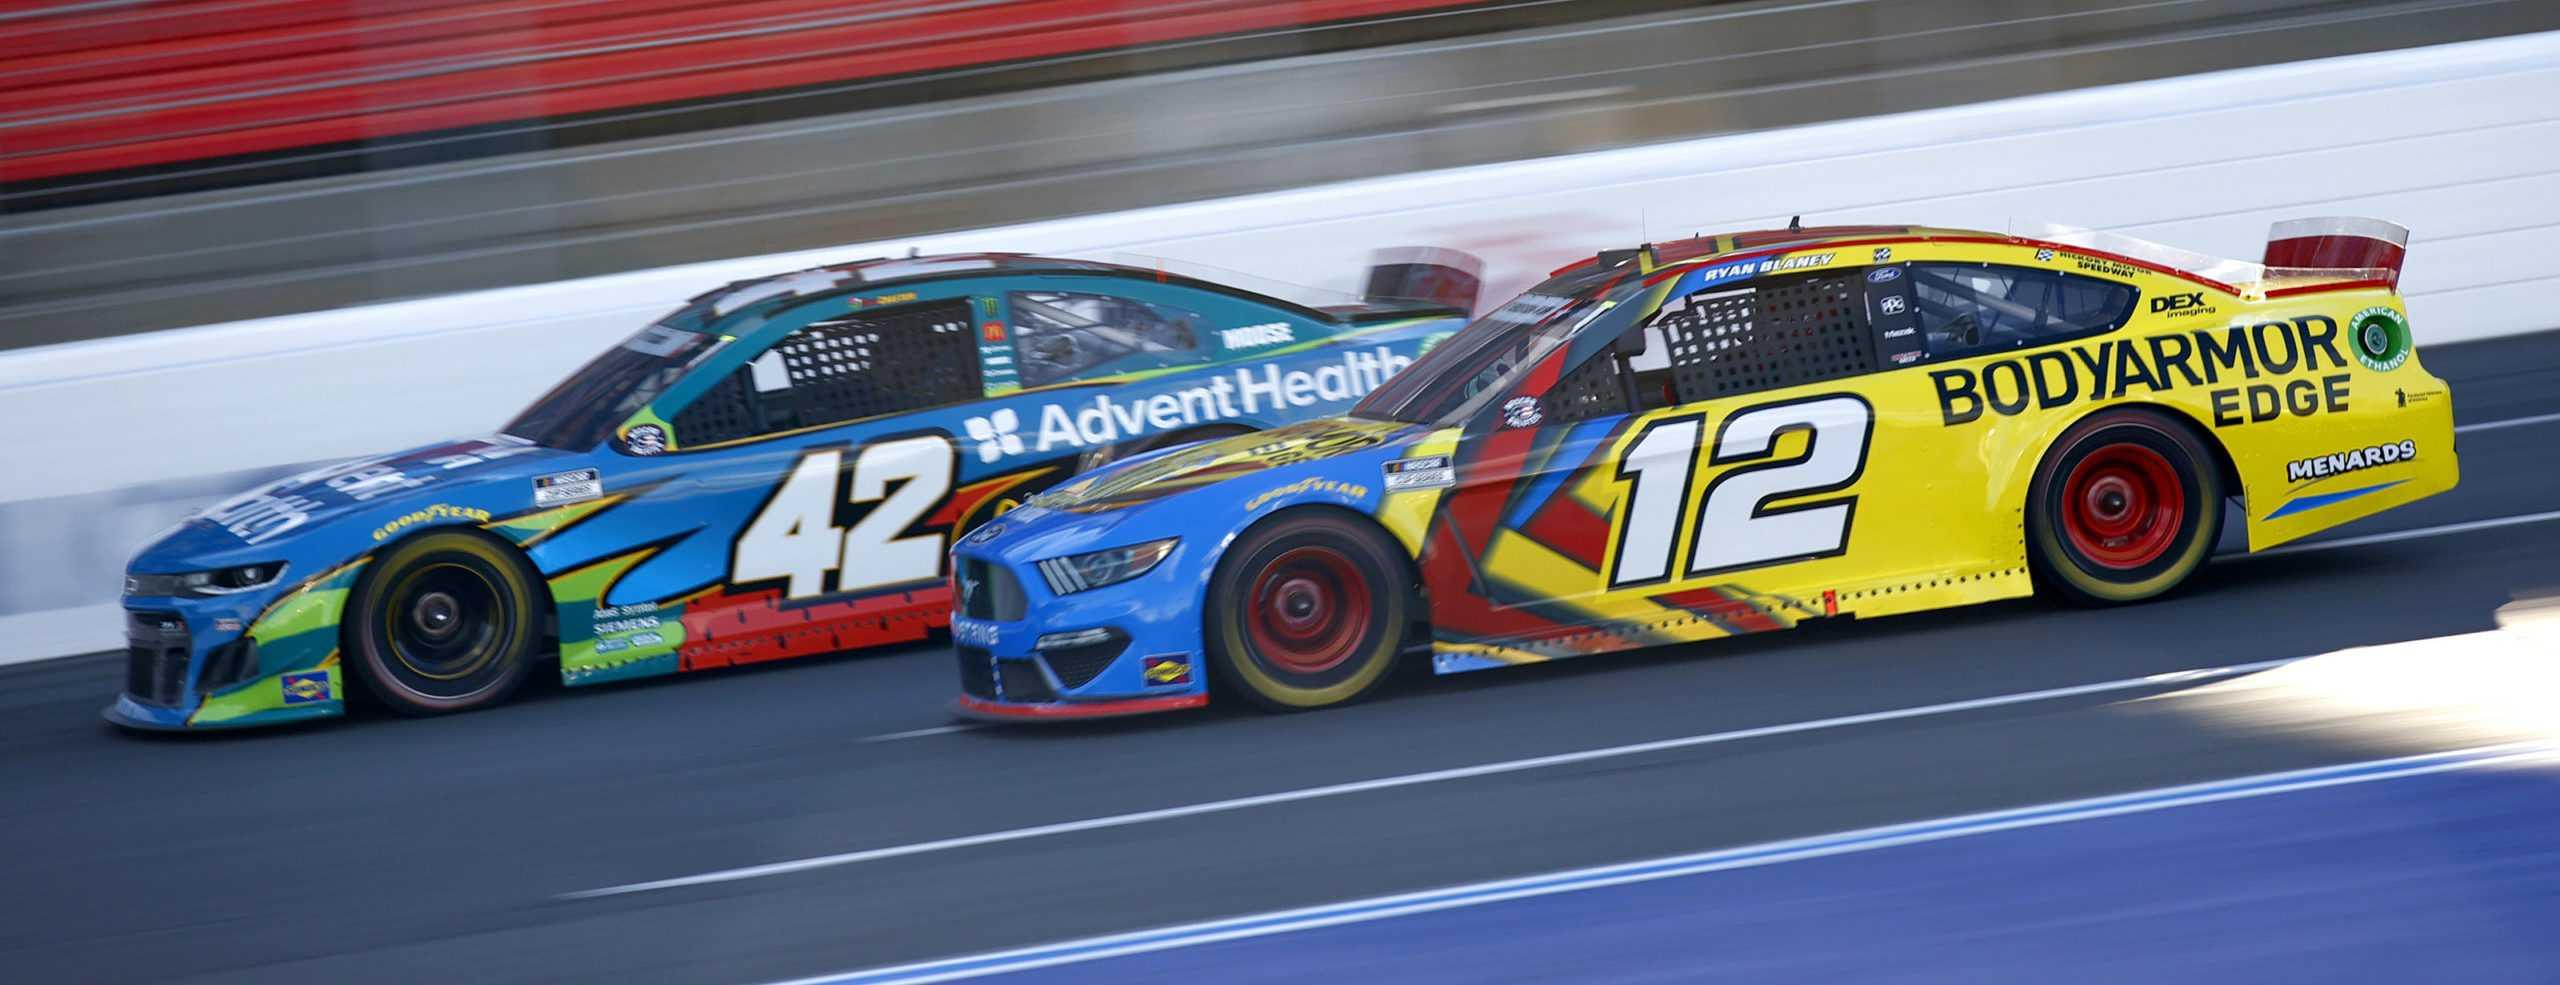 NASCAR Midseason Recap: Drivers, Teams, and Opinions